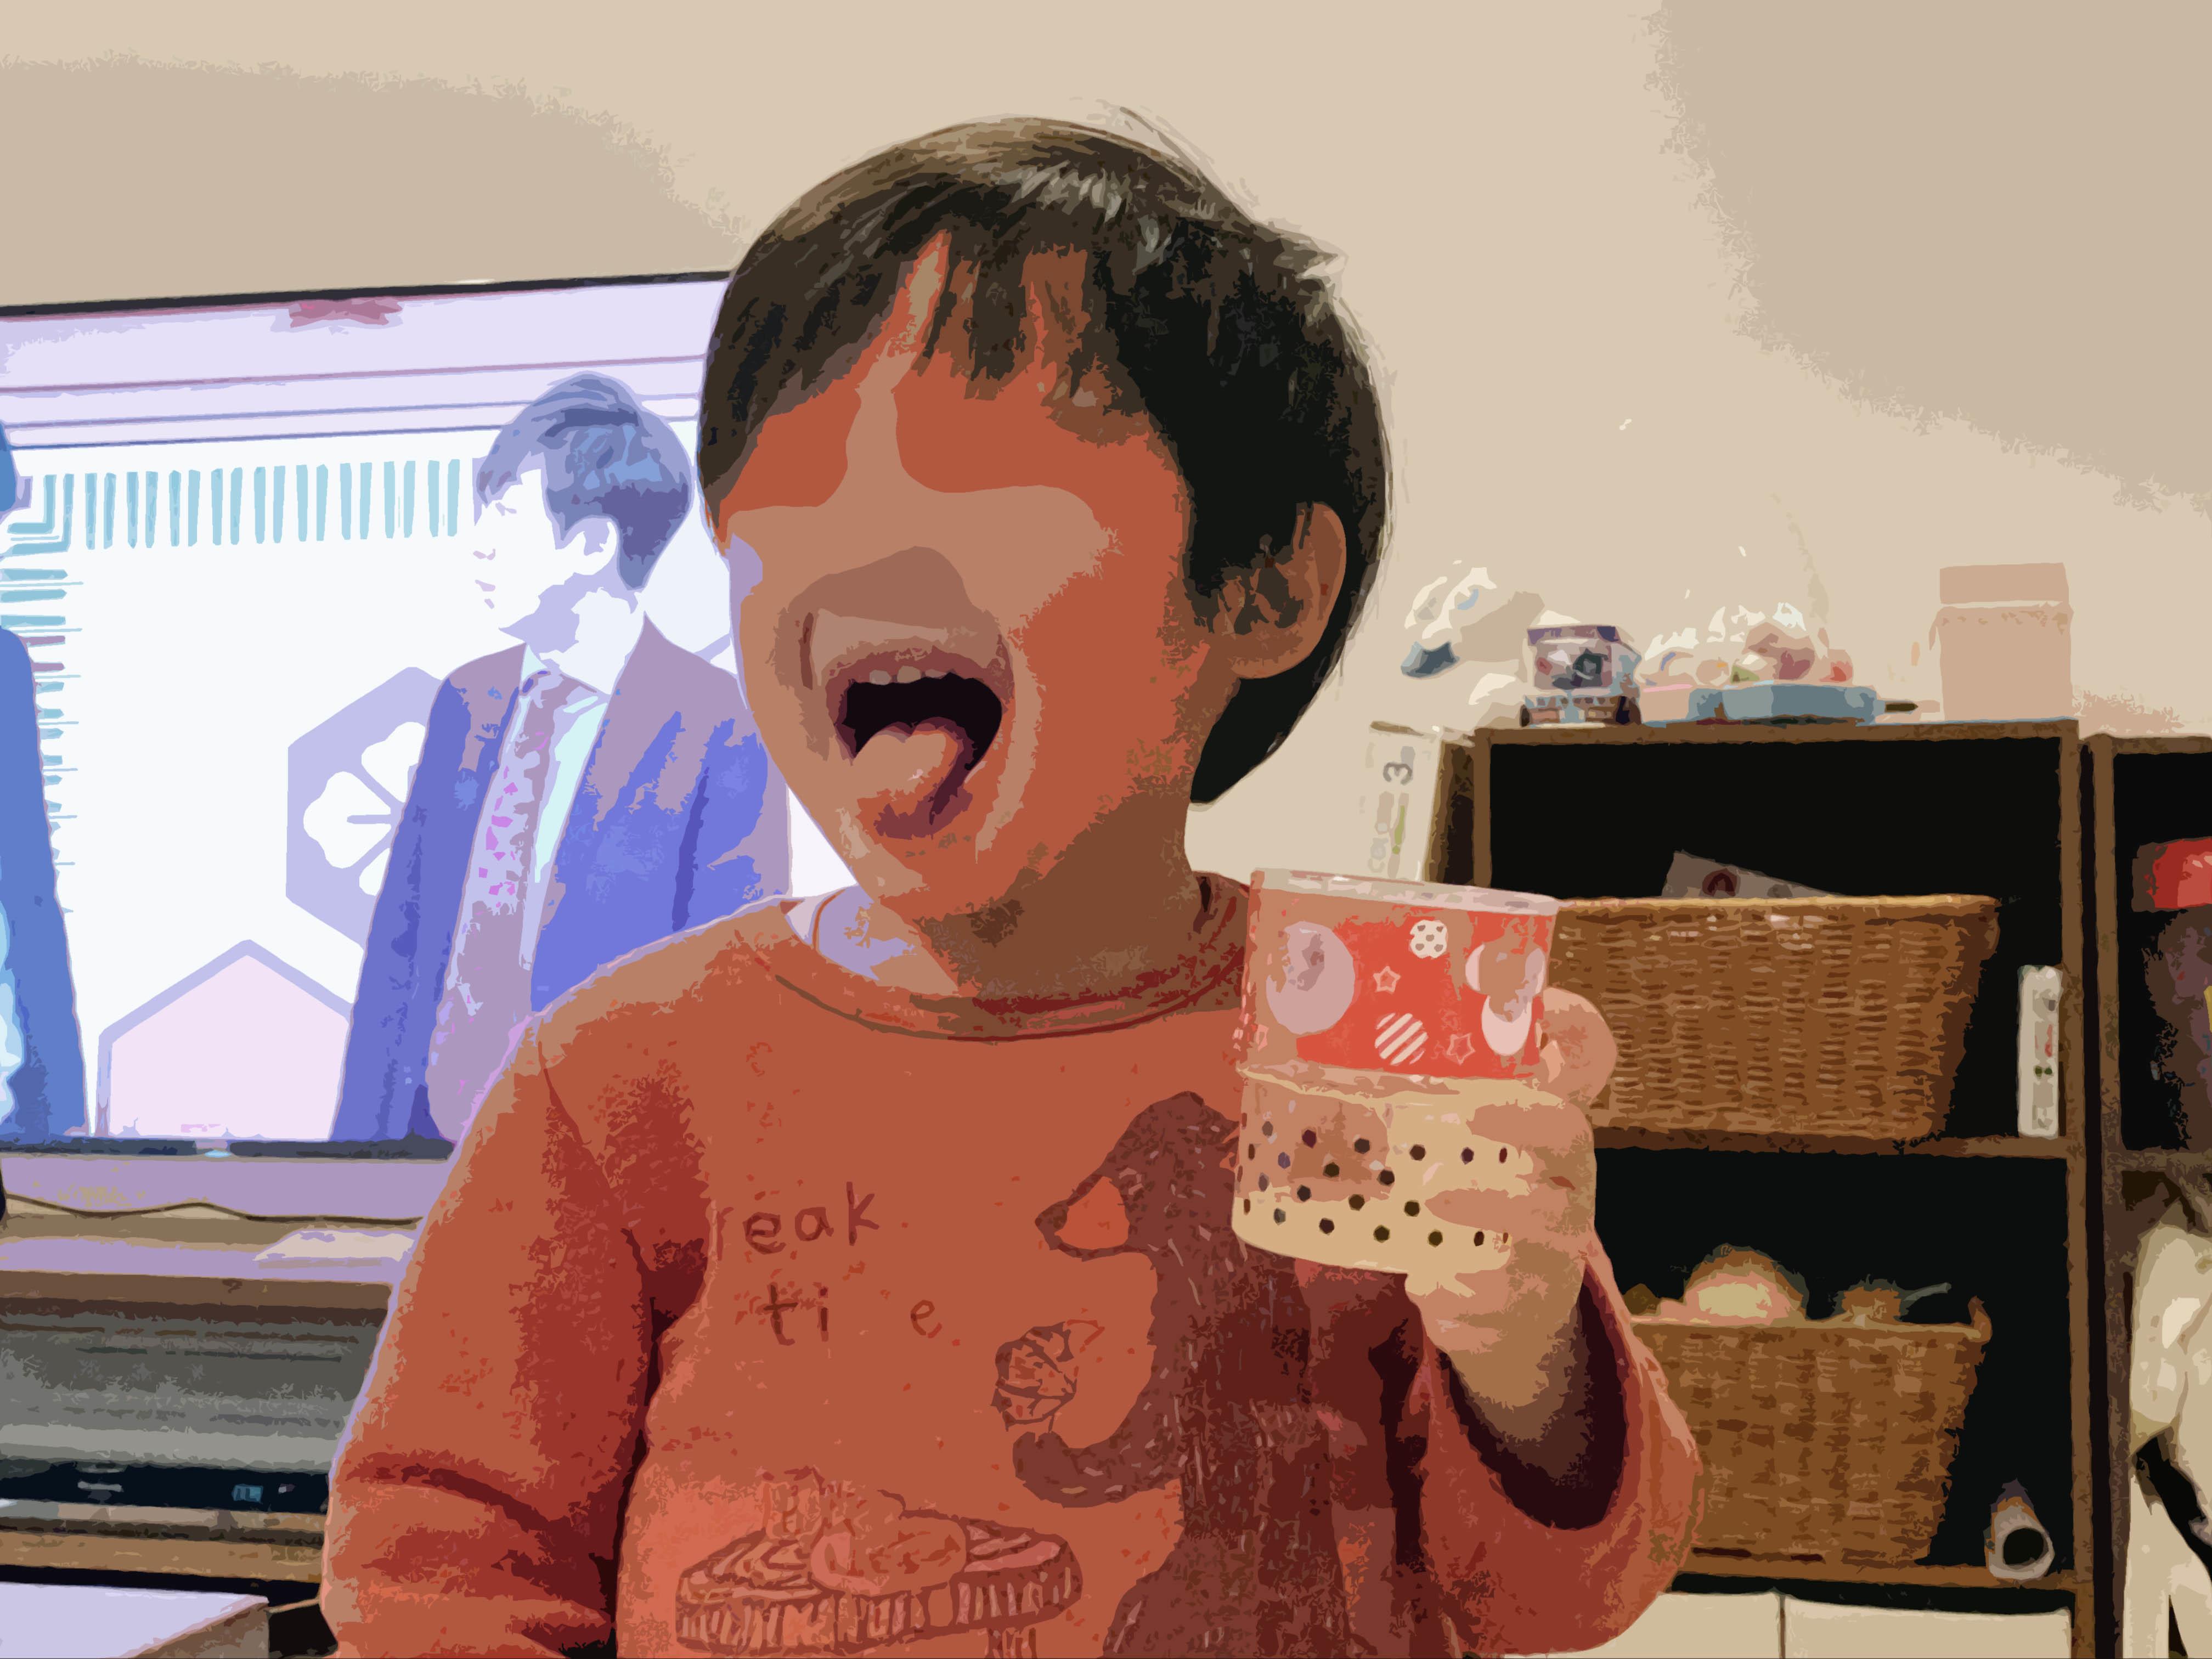 レモン体験( ´艸`)